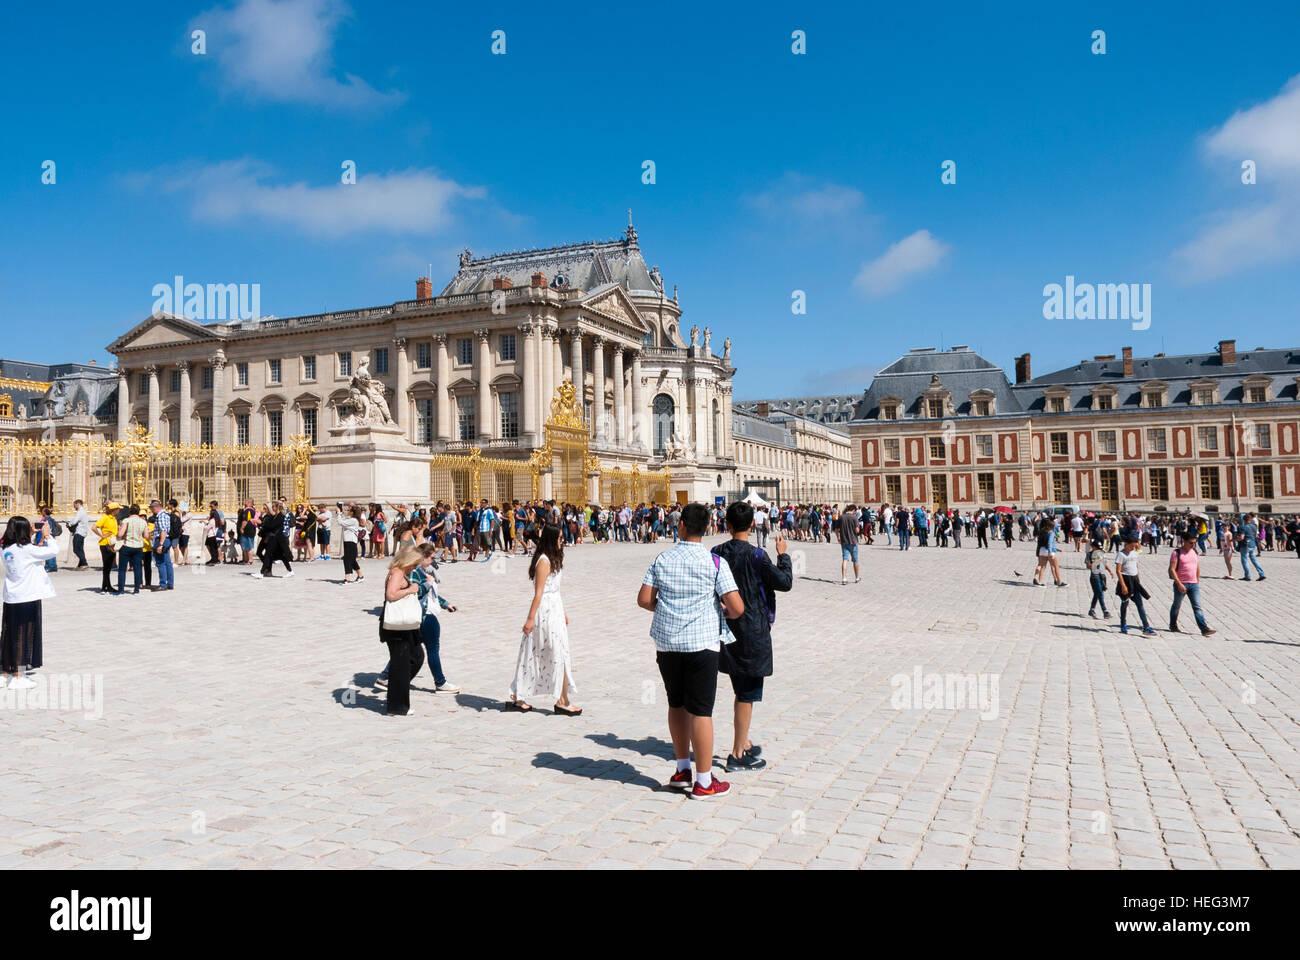 Des foules de touristes à l'extérieur du Château de Versailles France Banque D'Images